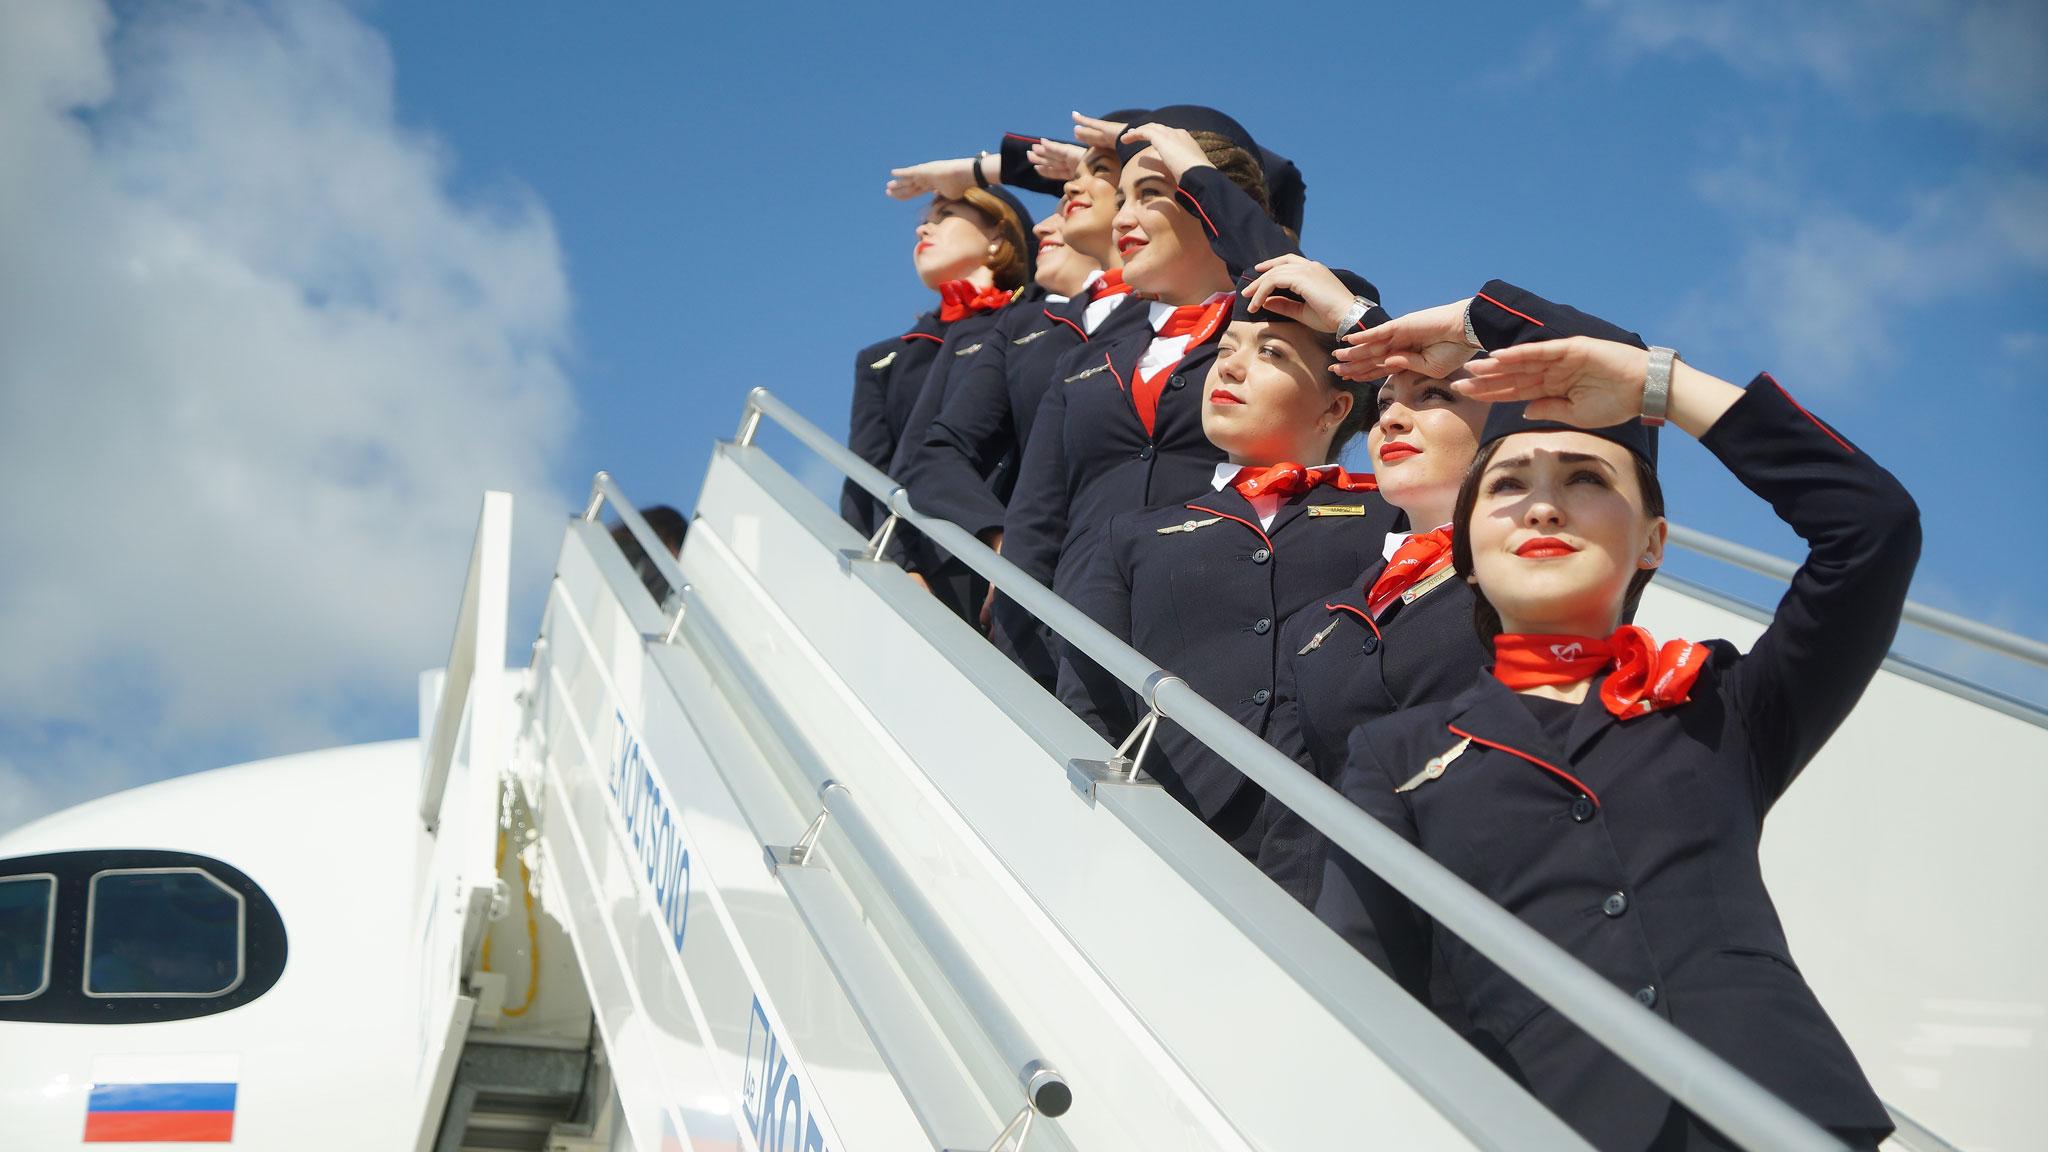 Провезти лыжи можно на самолетах любой российской авиакомпании, главное — заранее ознакомиться с условиями перевозки негабаритного багажа.Фото: Алексей БУЛАТОВ, «КП»-Екатеринбург»